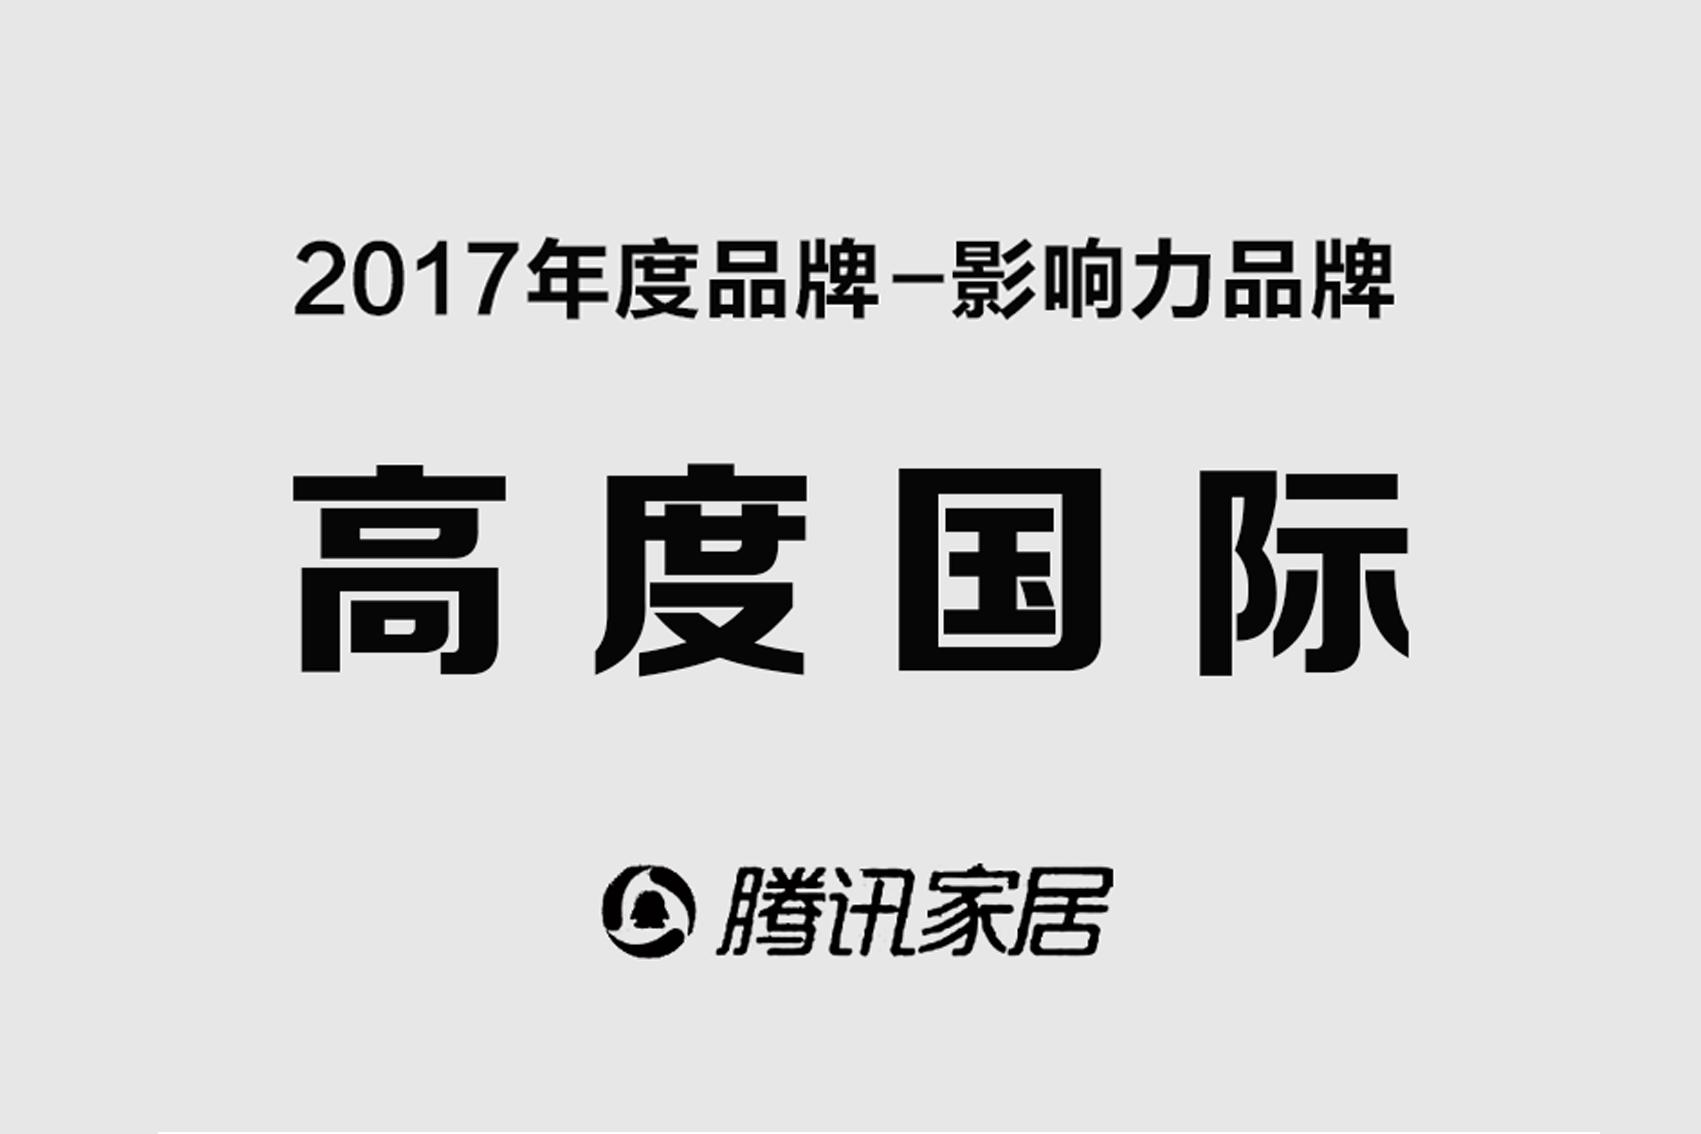 2017年度影响力品牌-腾讯